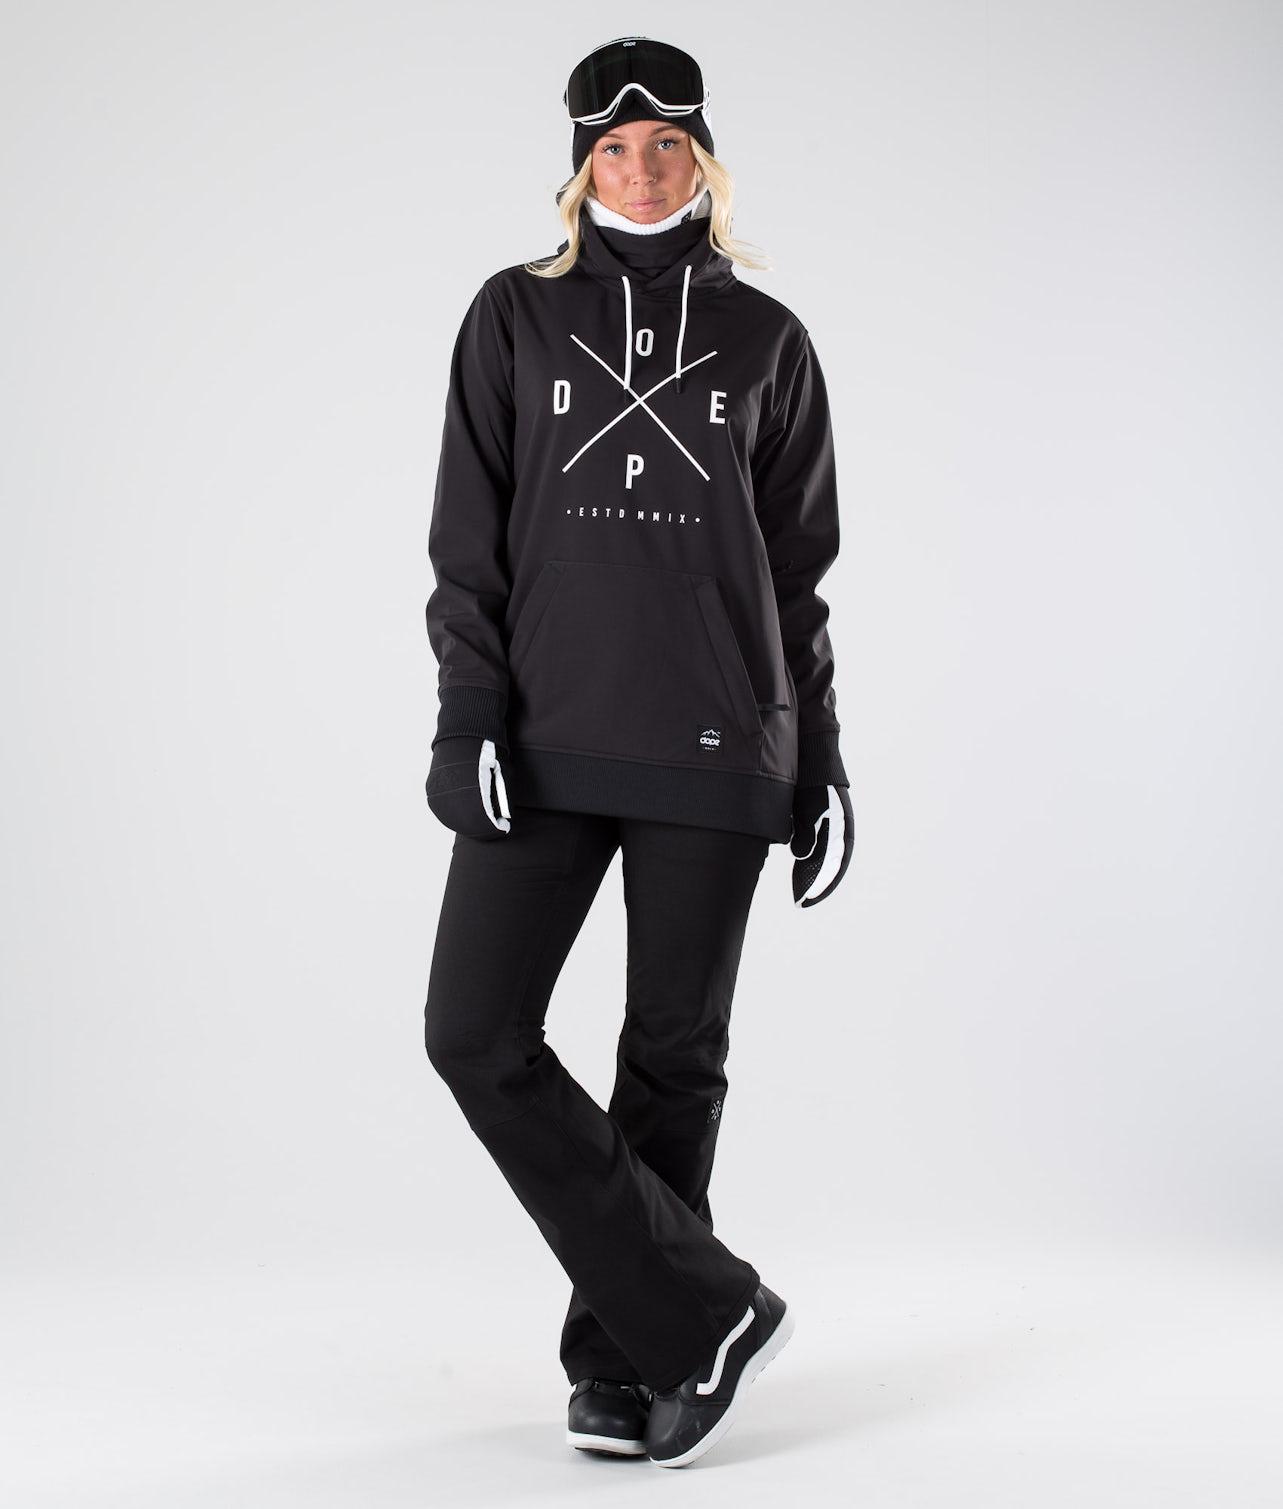 Kjøp Yeti W Snowboardjakke fra Dope på Ridestore.no - Hos oss har du alltid fri frakt, fri retur og 30 dagers åpent kjøp!